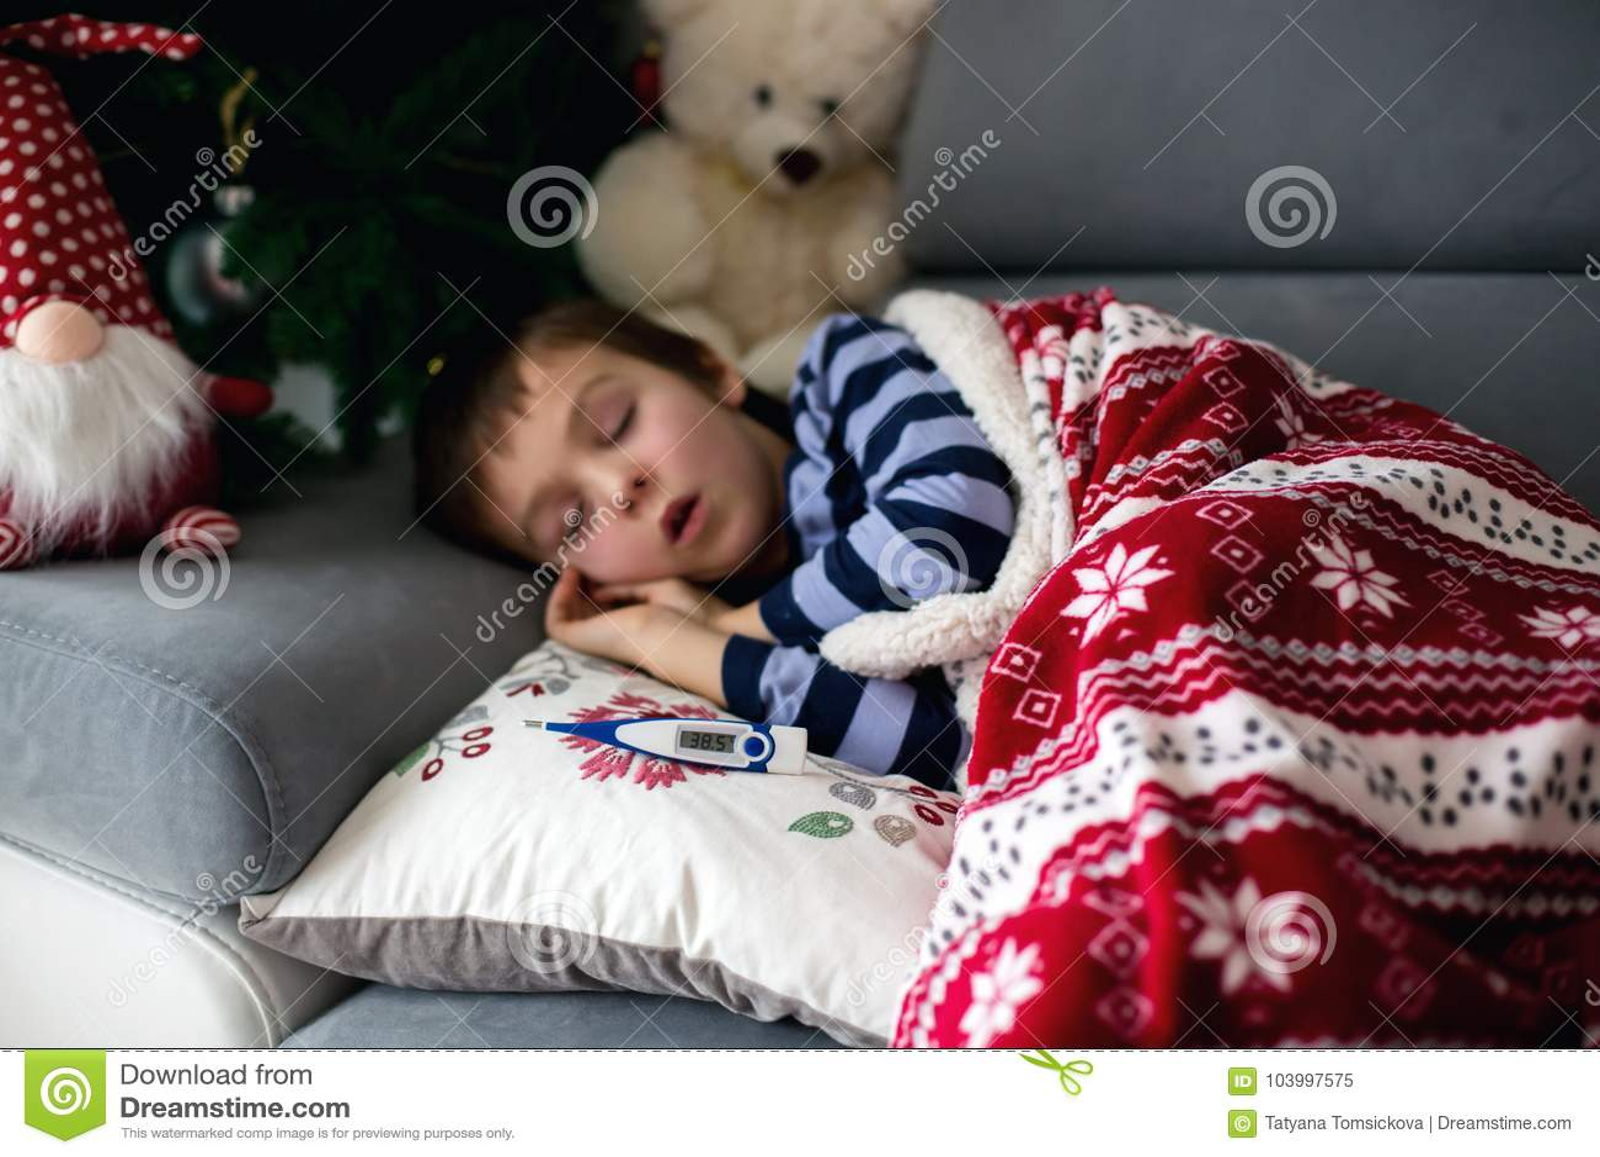 Zieken weinig kind, jongen, met hoge koortsslaap op de laag bij